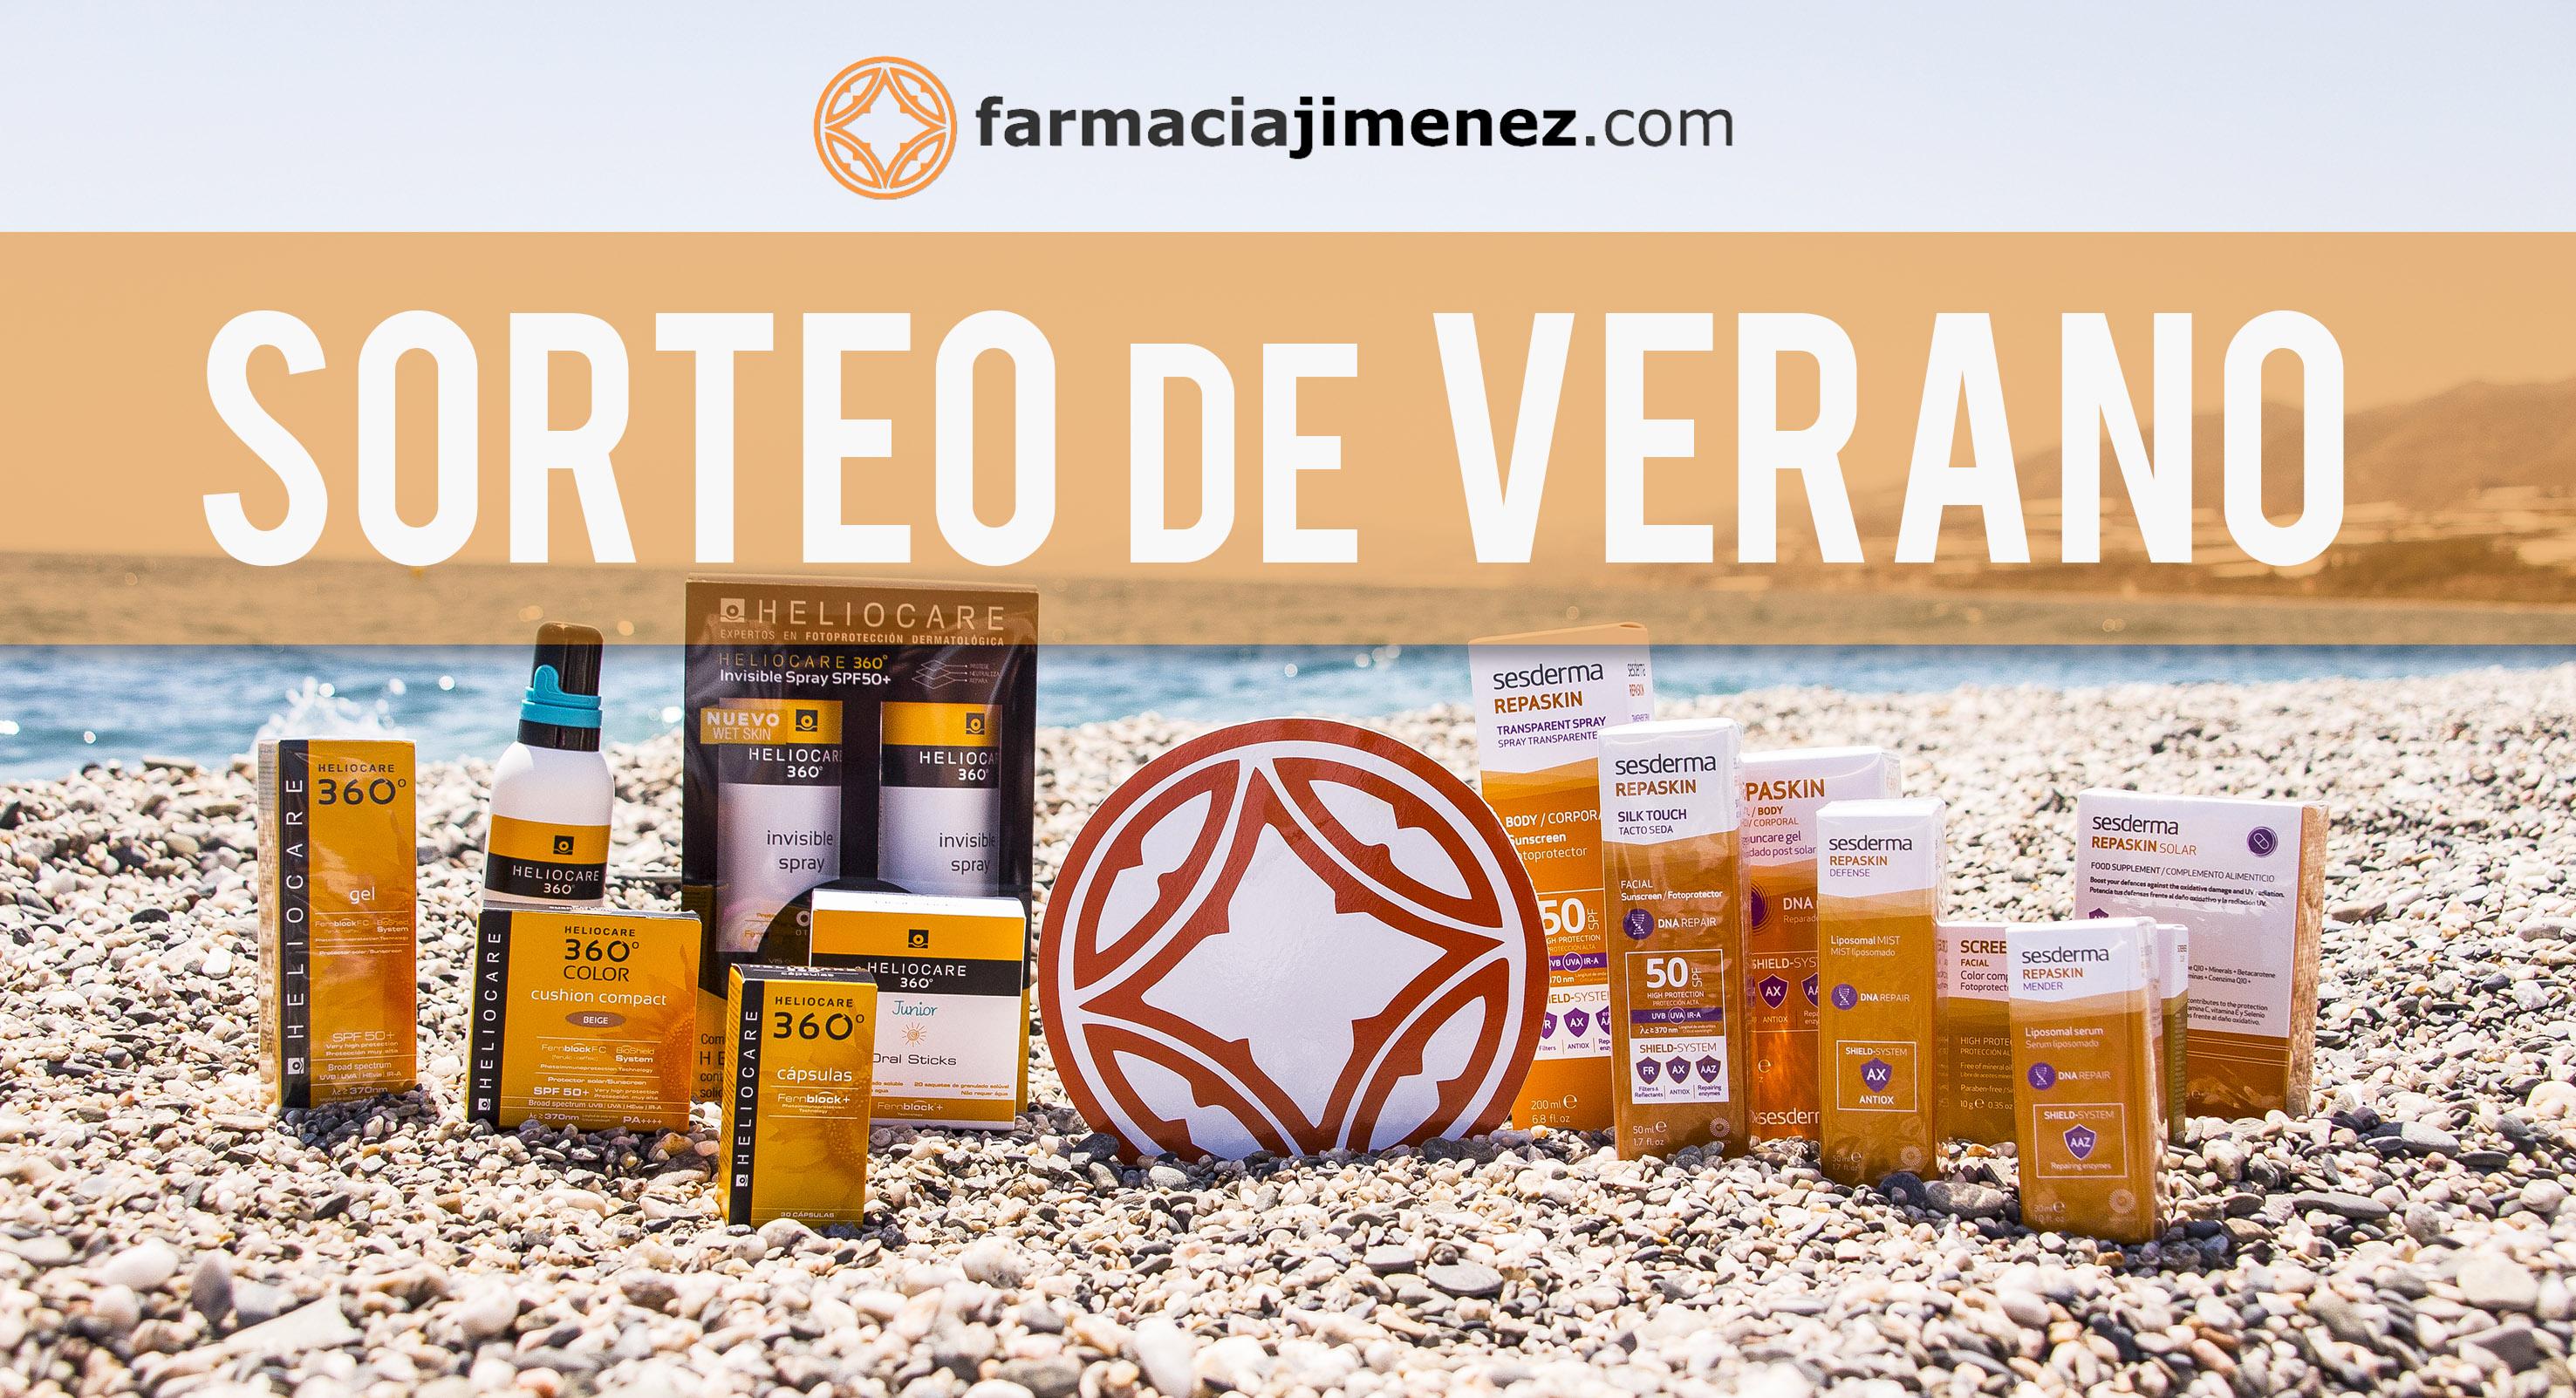 ¡Sorteo de Verano de Farmacia Jiménez 2018!